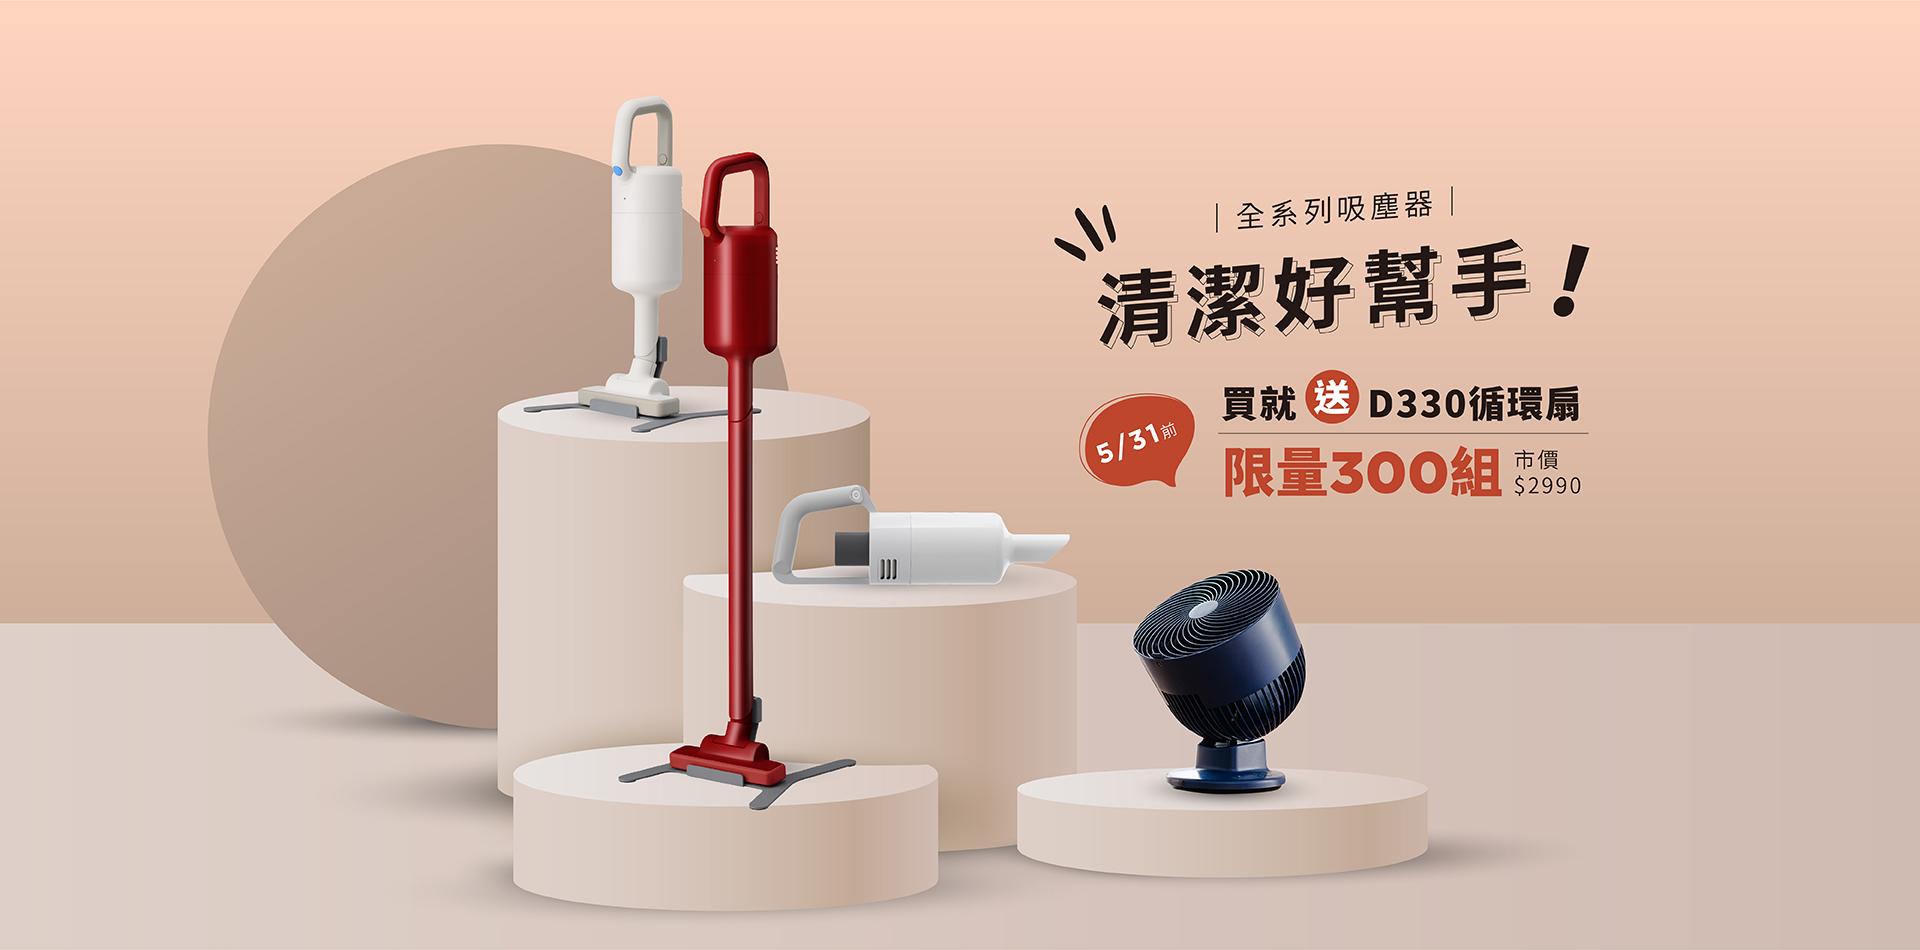 5/31前,全系列吸塵器買就送XQS-D330循環扇